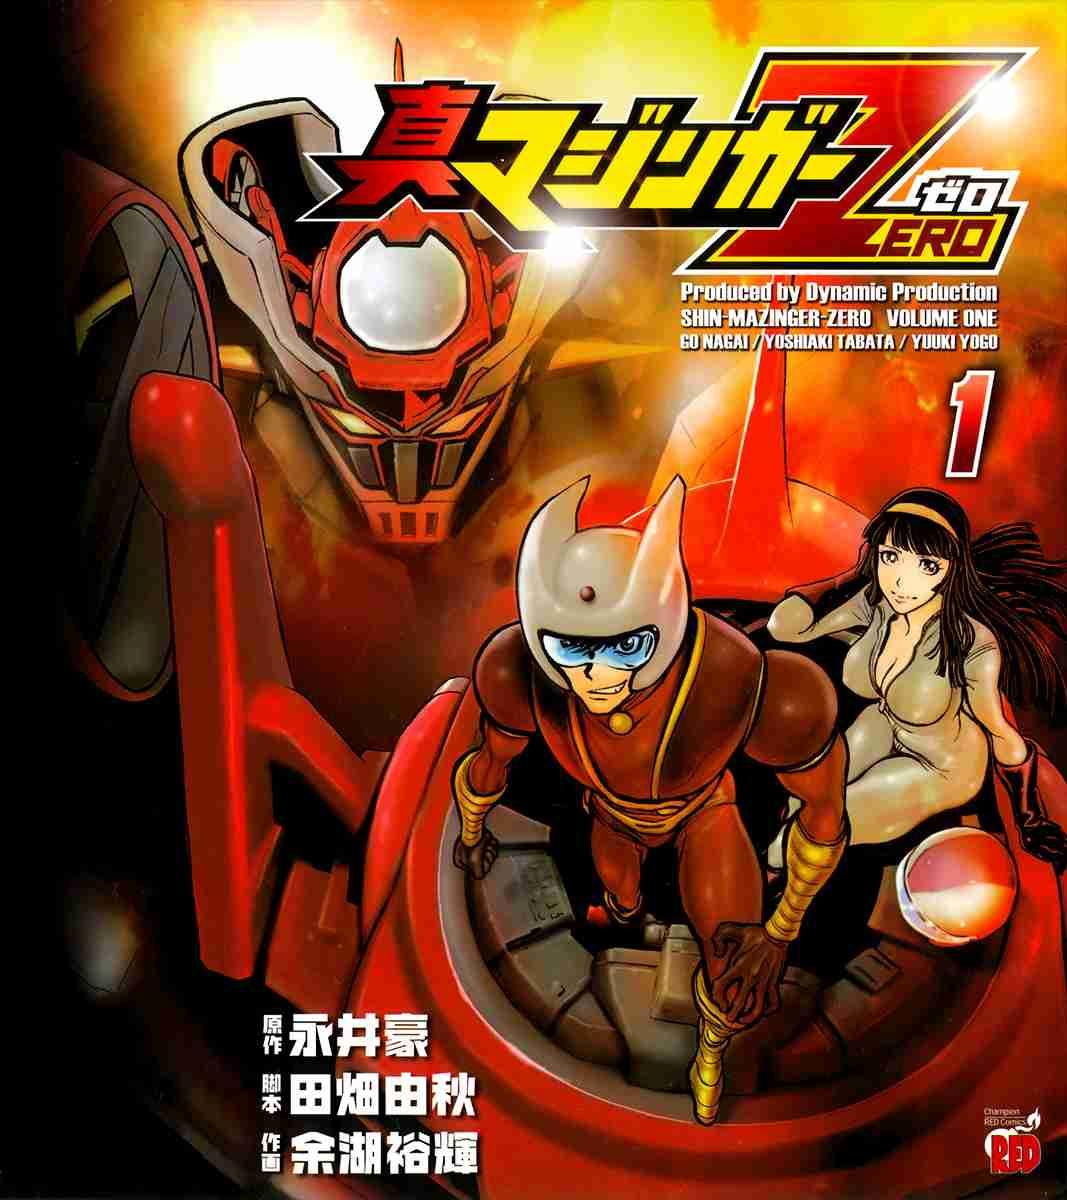 https://nine.mangadogs.com/fr_manga/pic2/22/3222/560435/0ec360c243d4a23244accb3d04851604.jpg Page 1